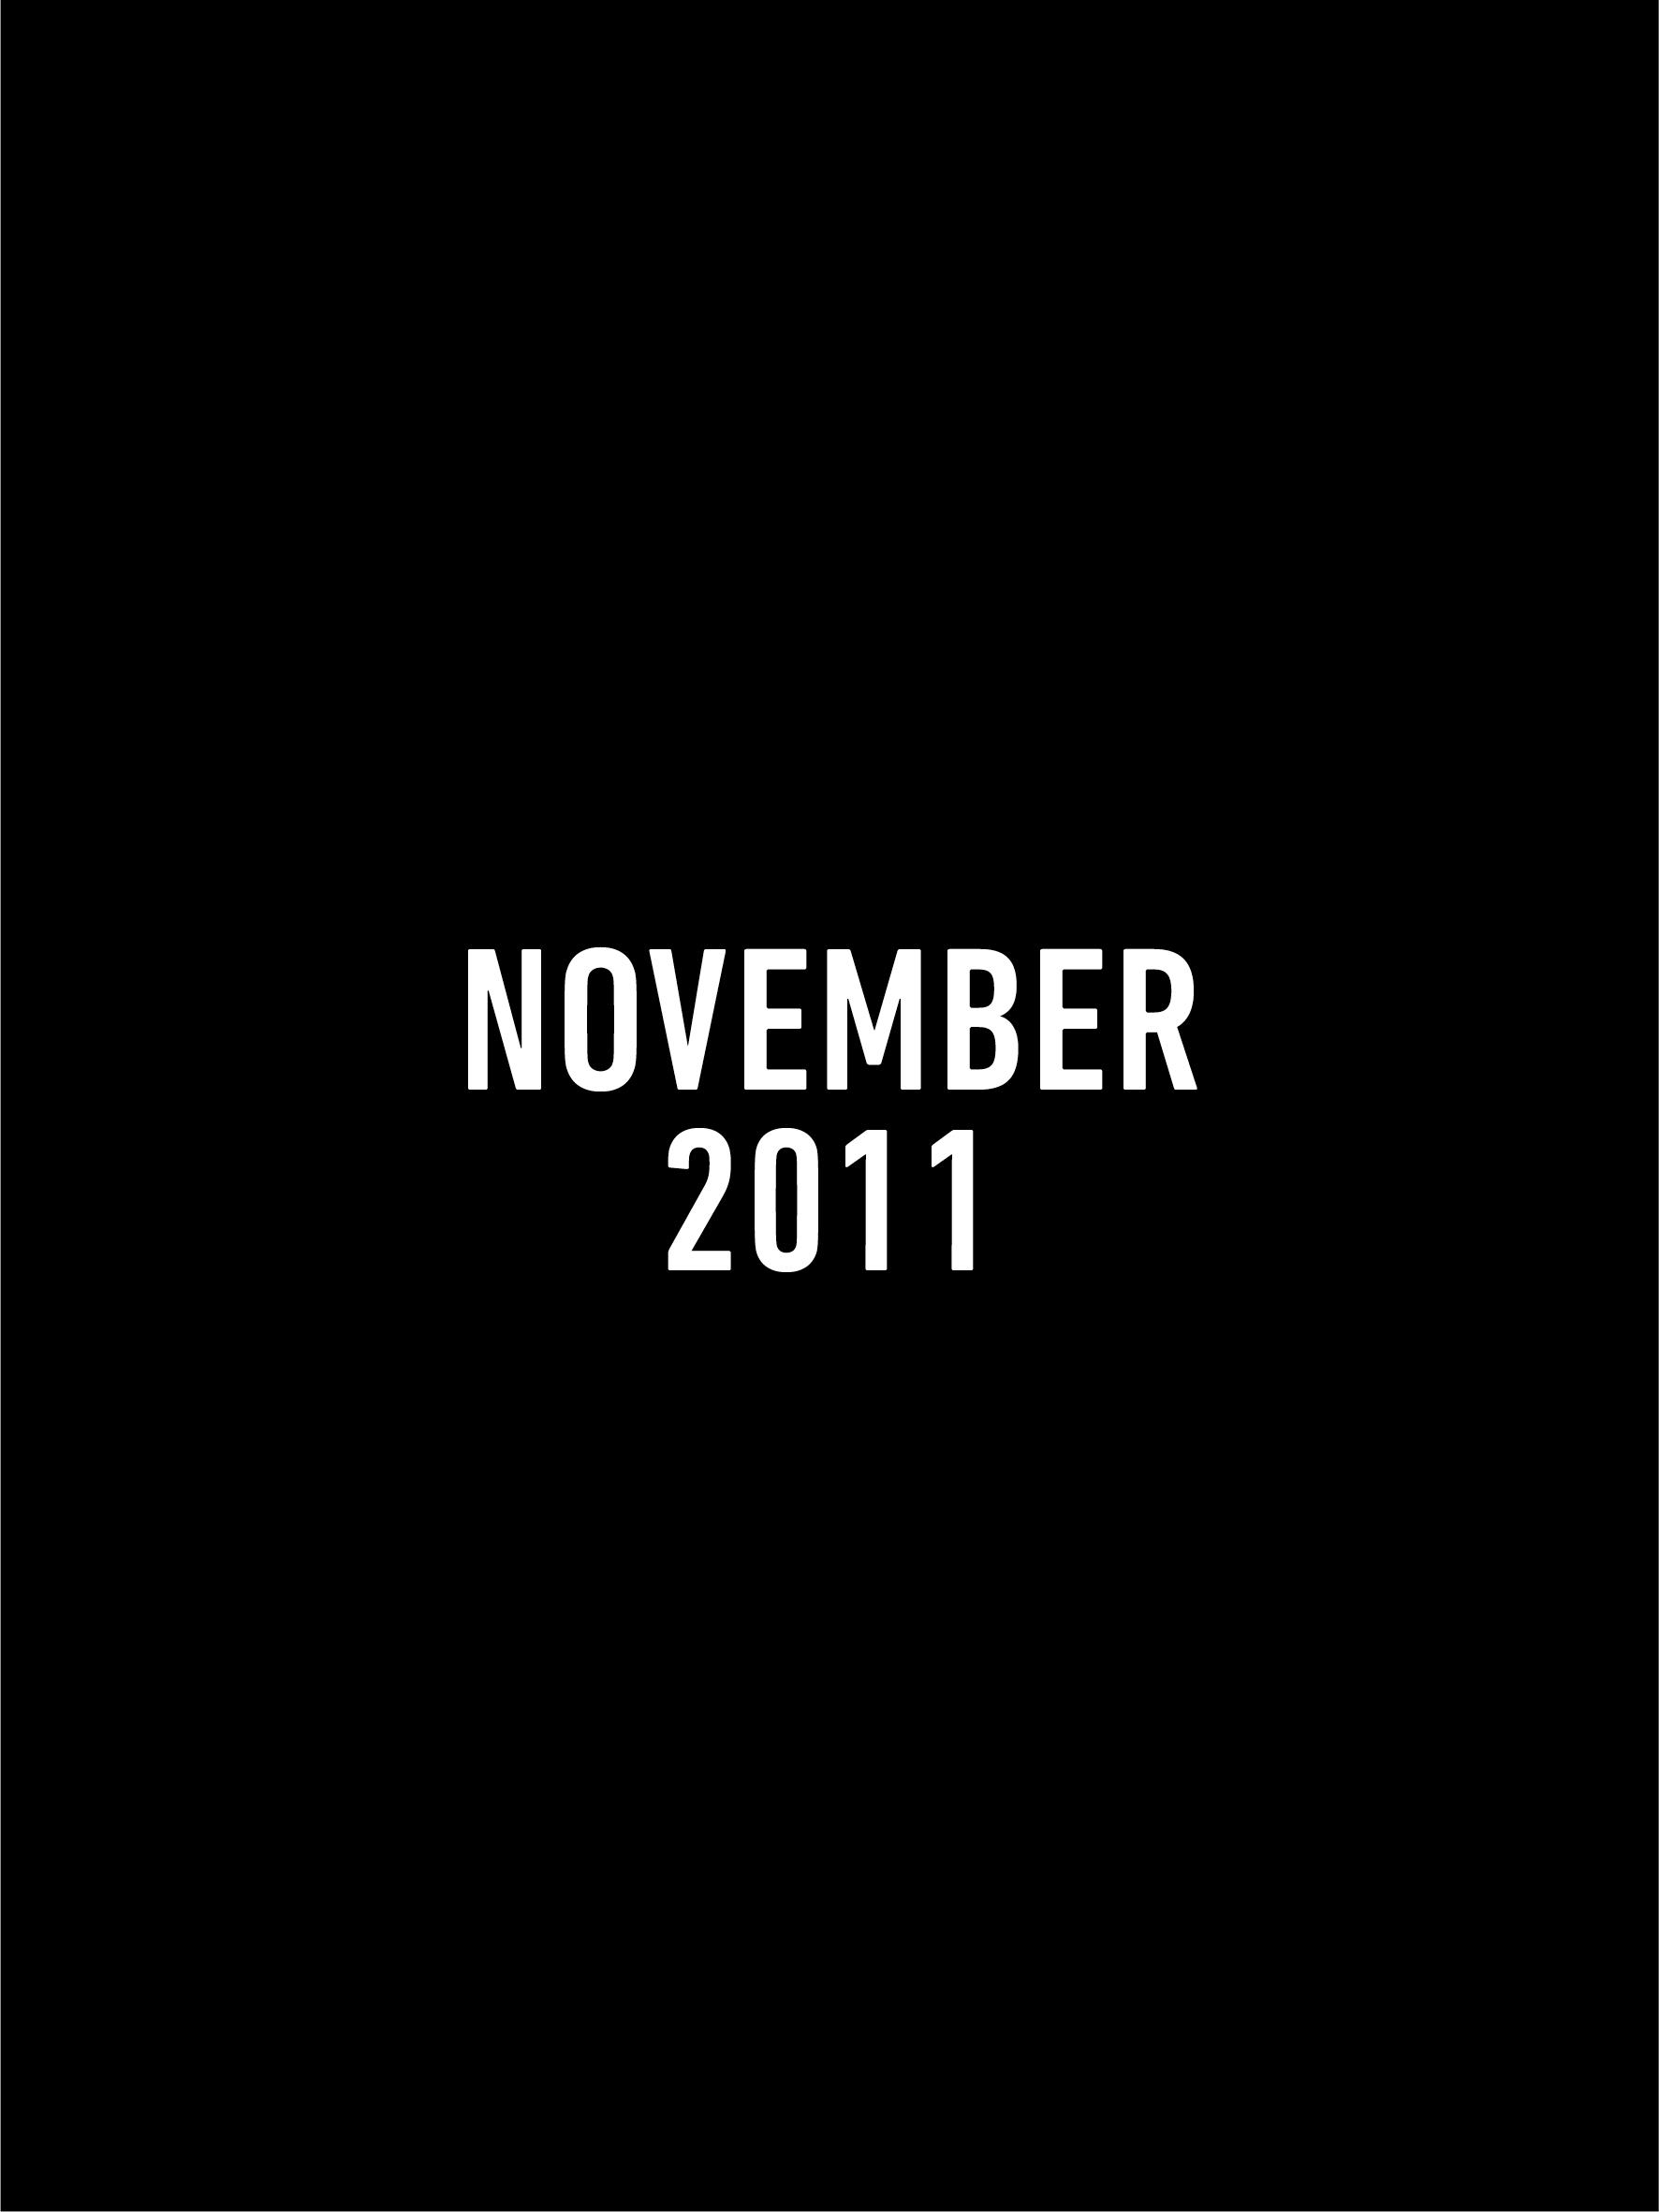 2011 months11.jpg